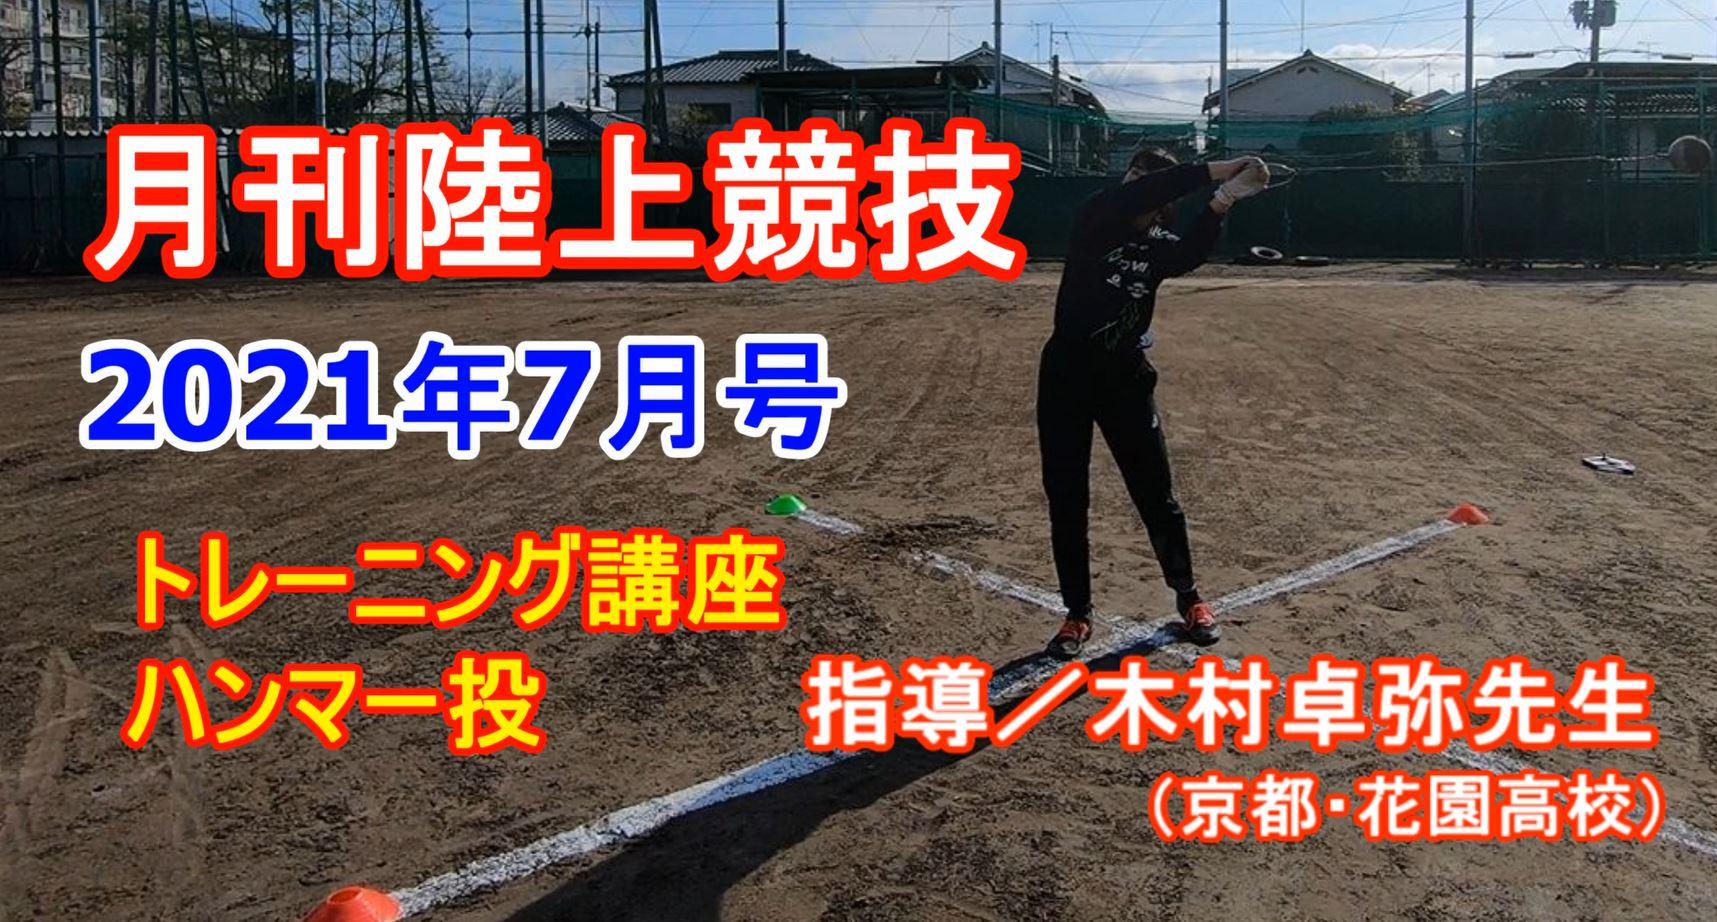 【トレーニング講座】ハンマー投(2021年7月号)/木村卓弥